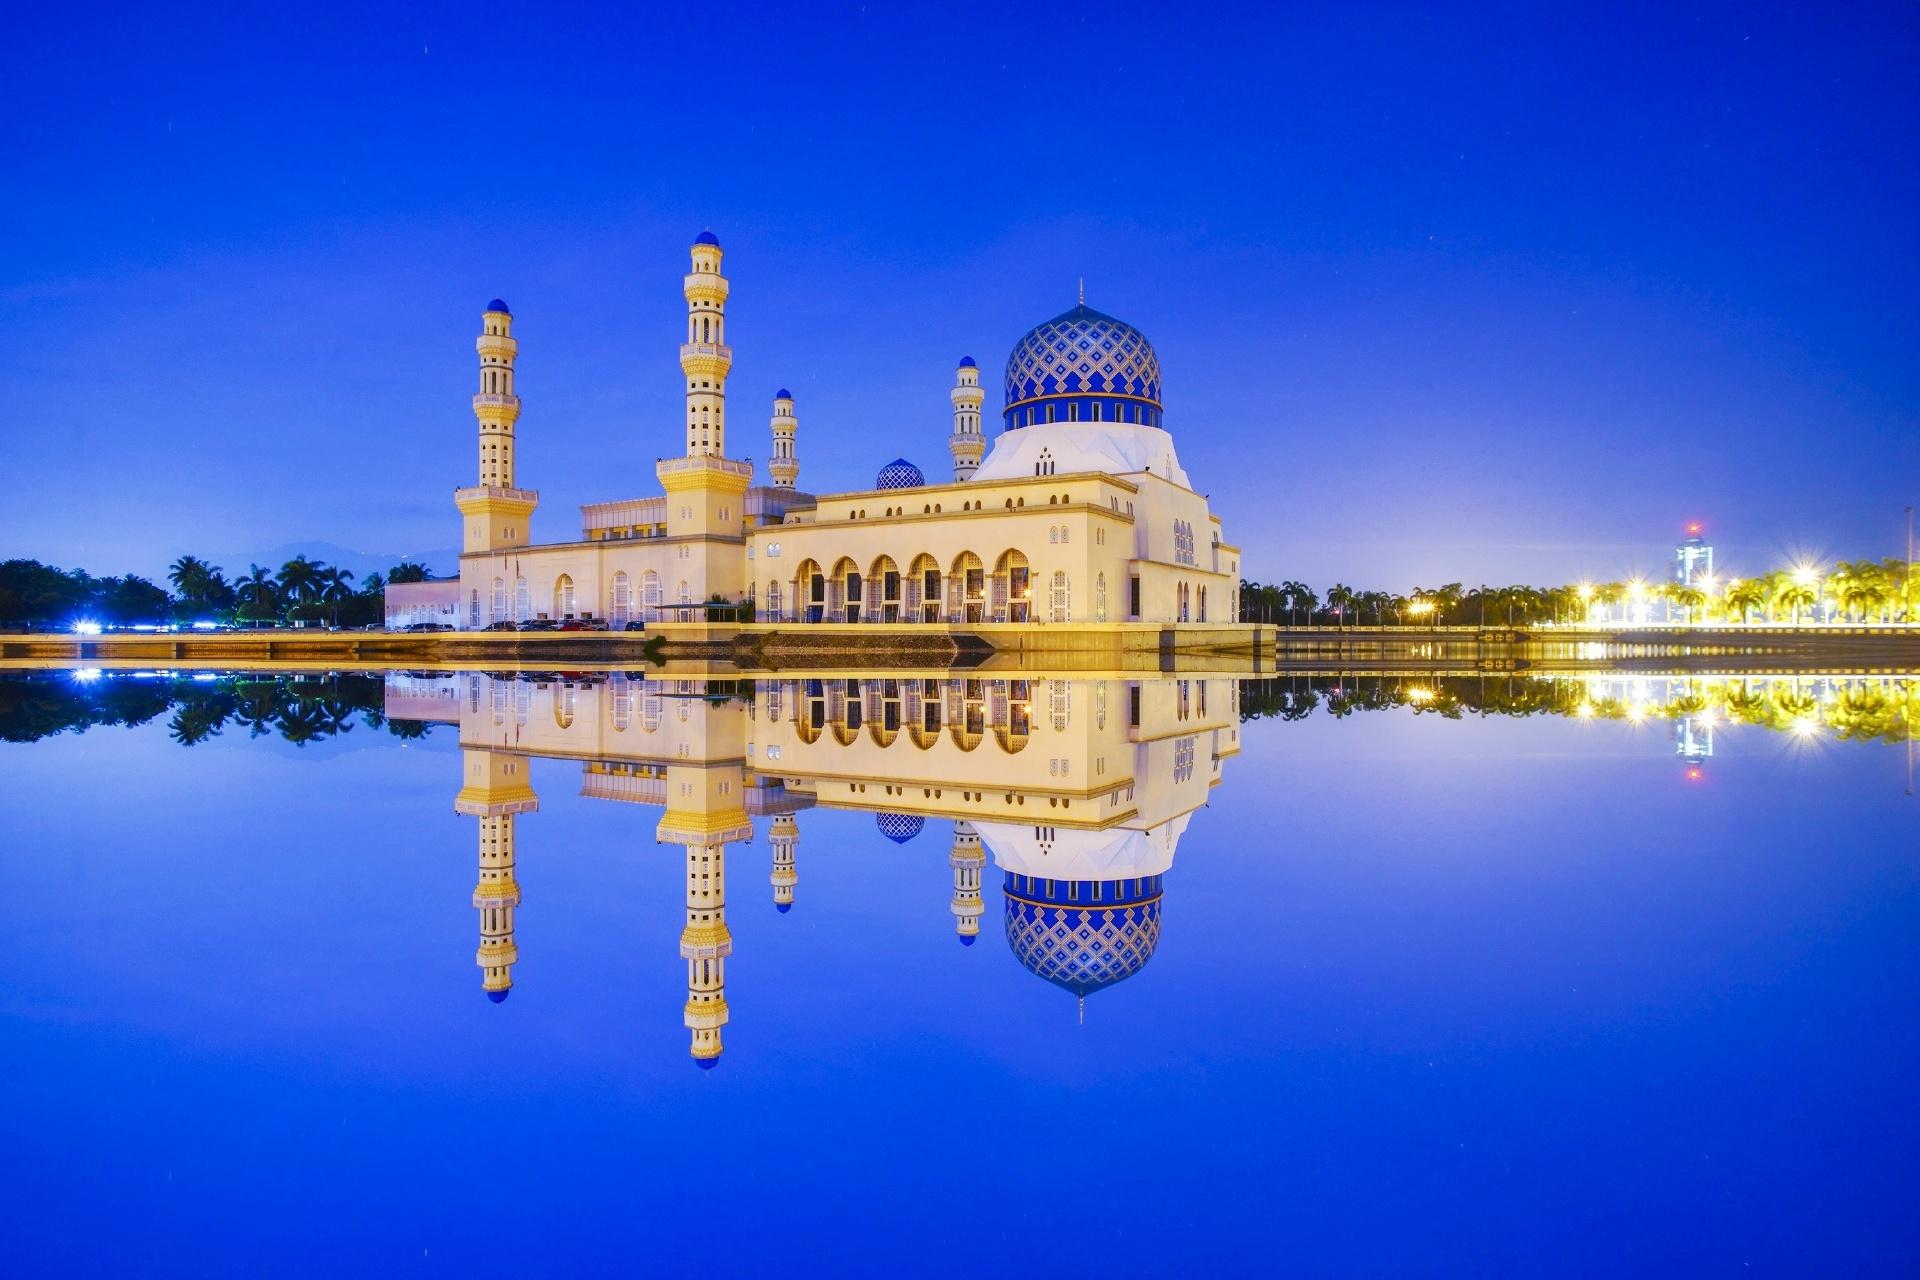 コタキナバルのブルーアワーの風景 マレーシアの風景